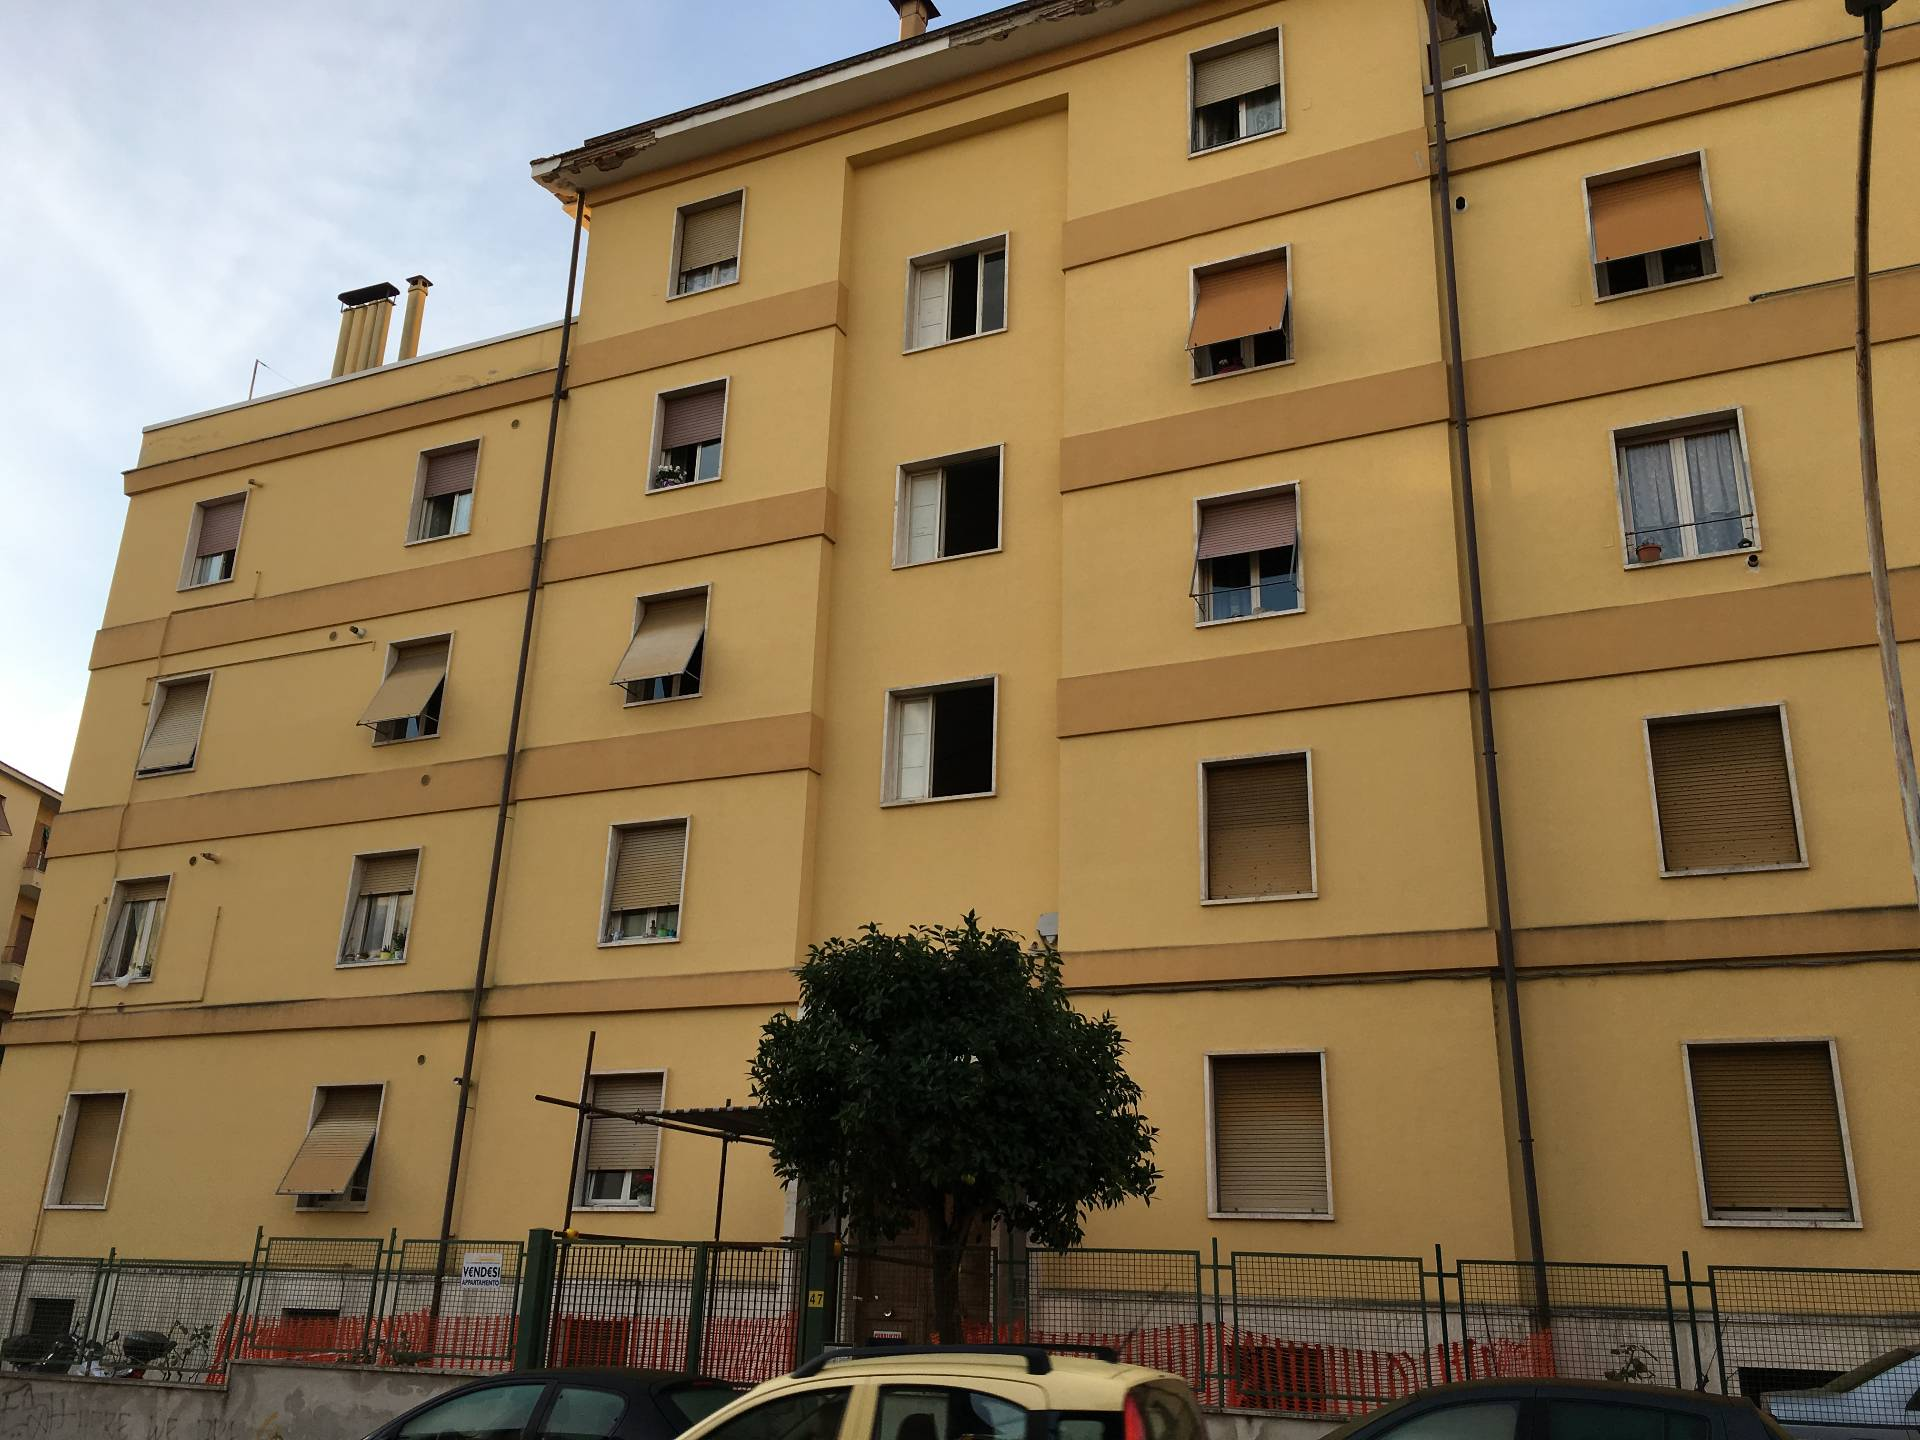 Appartamento in vendita a Ascoli Piceno, 4 locali, zona Località: PiazzaImmacolata, prezzo € 95.000 | Cambio Casa.it